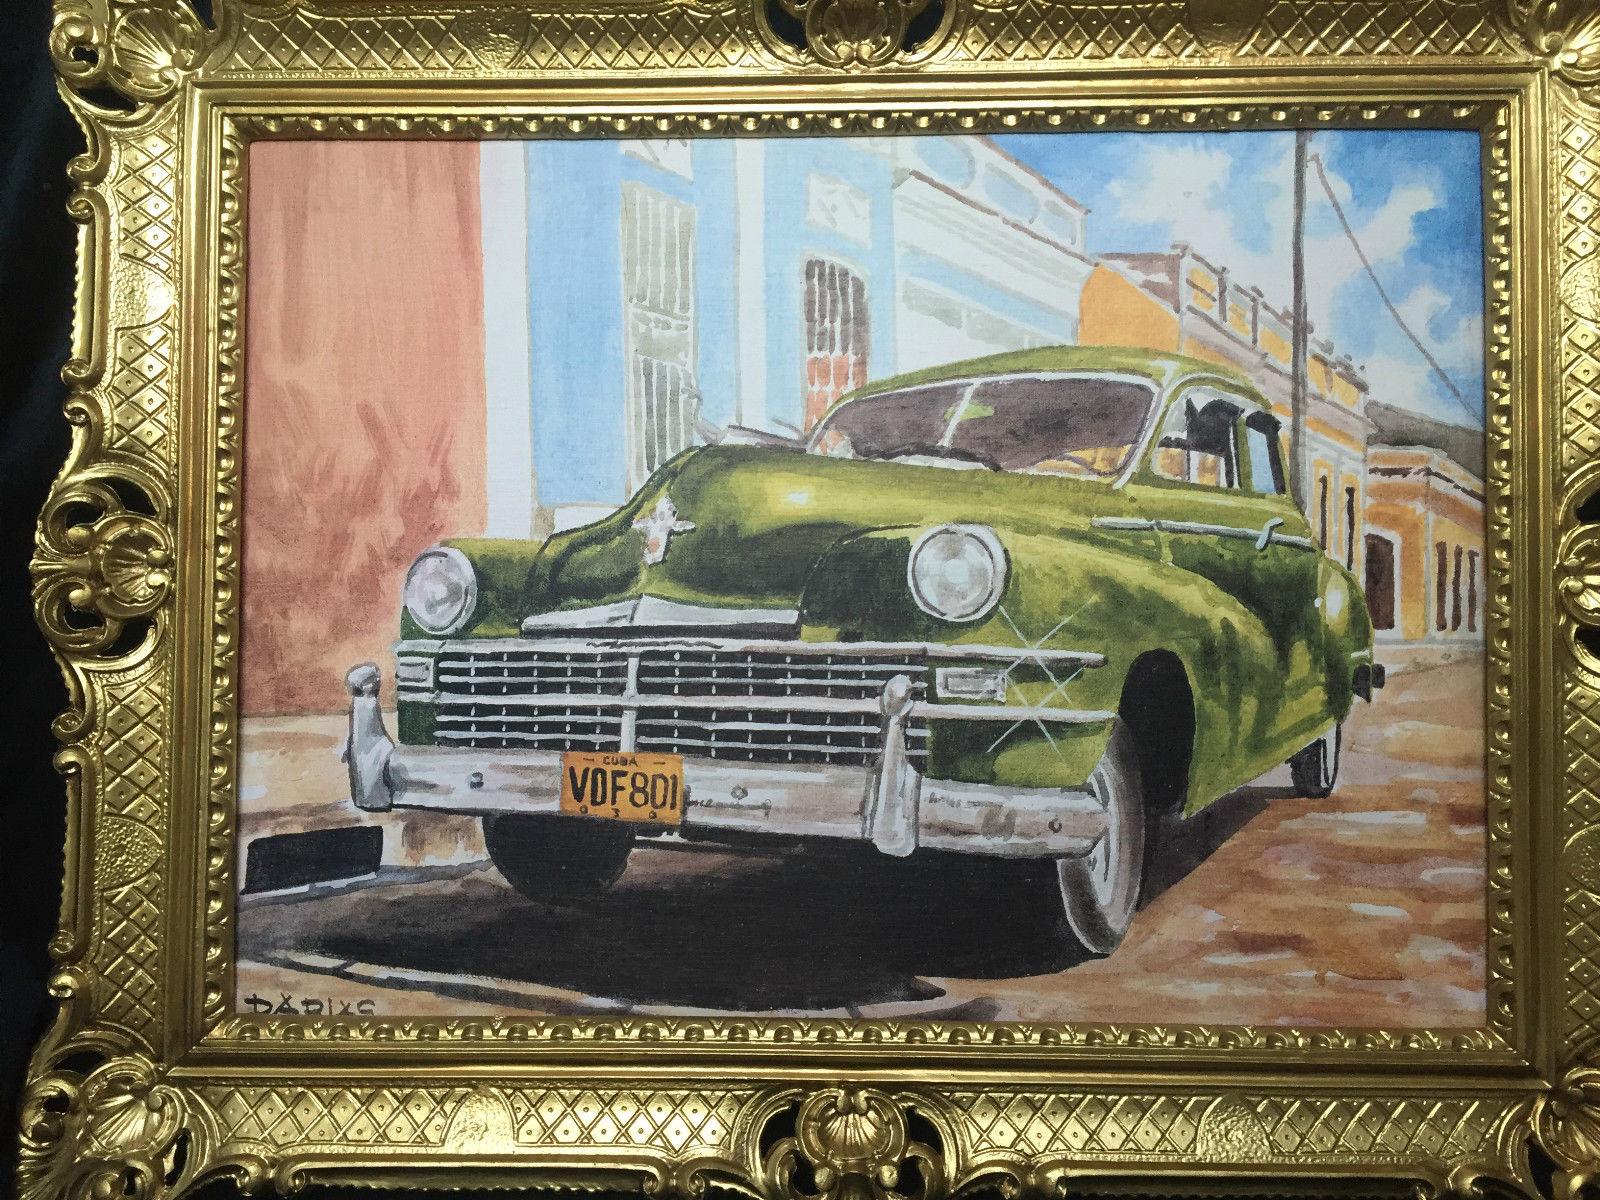 Auto Cuba Grün Bild Rahmen Gold Wandbild 70x90 Oldtimer Classic ...